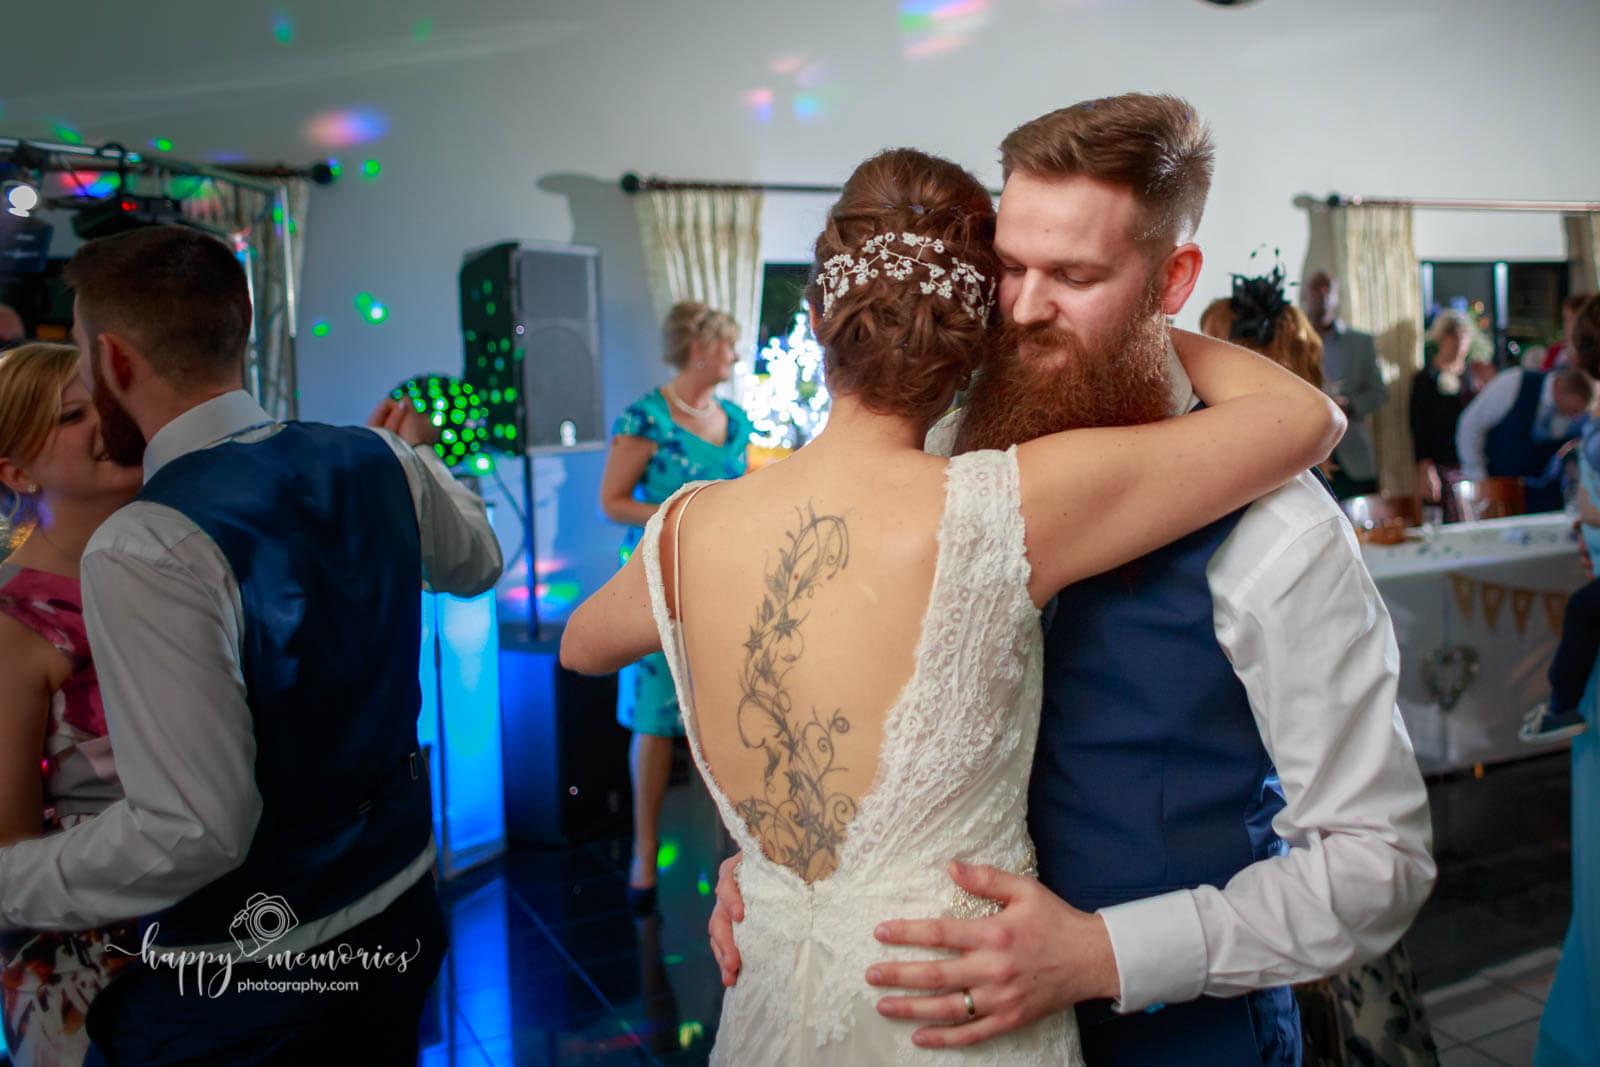 Wedding photographer Crawley-43